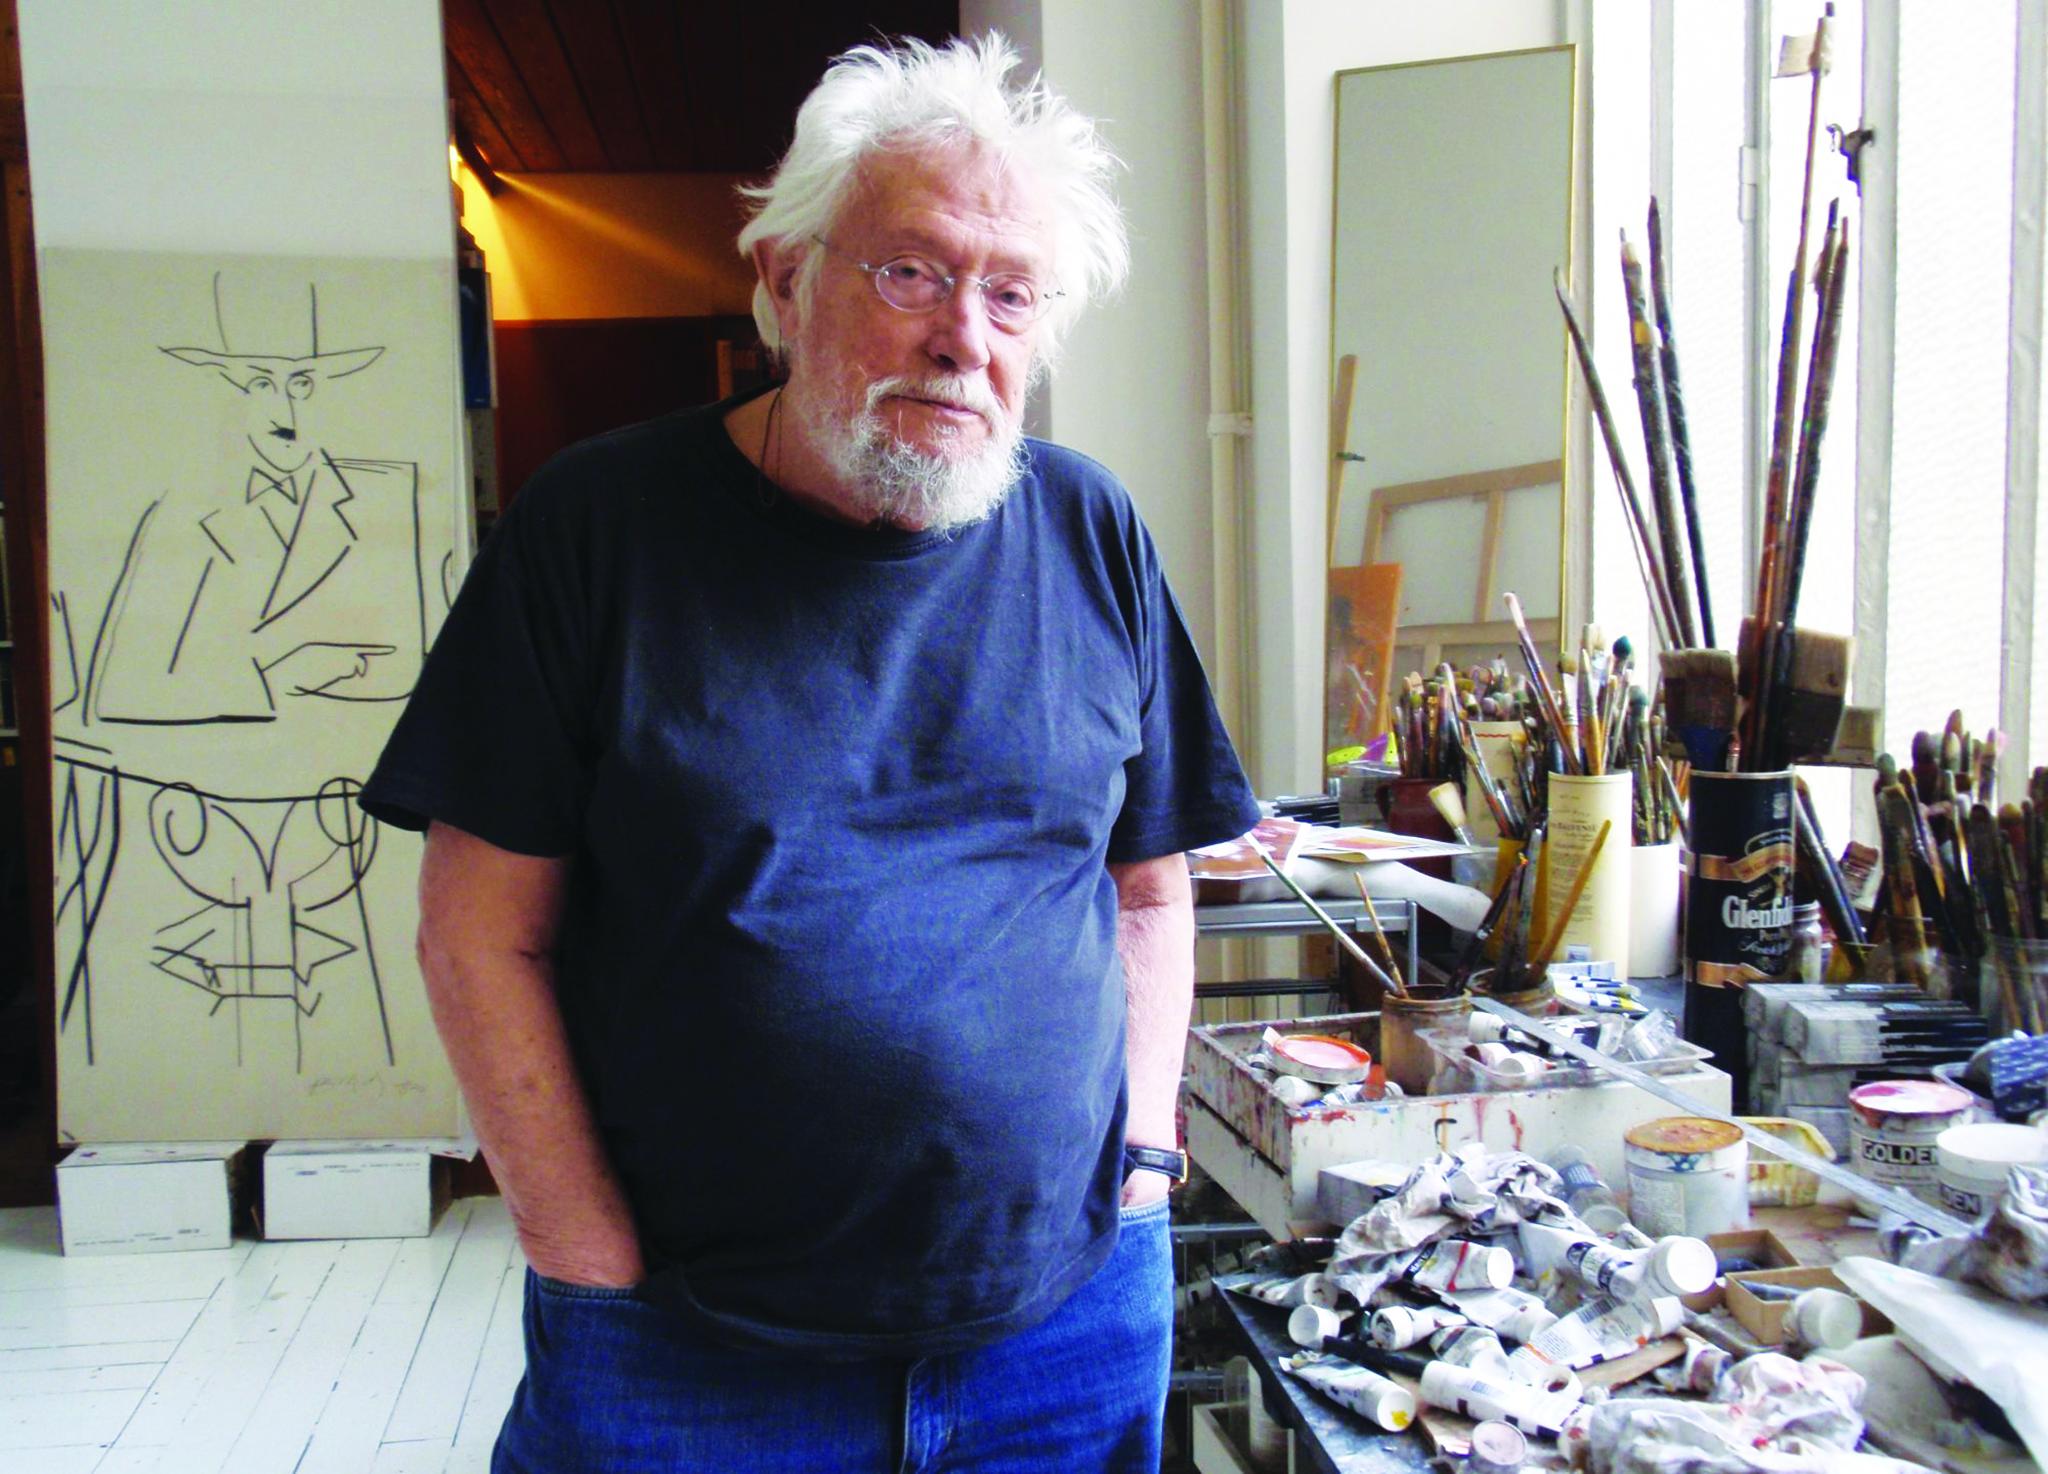 Óbito | O artista plástico Júlio Pomar morreu aos 92 anos em Lisboa